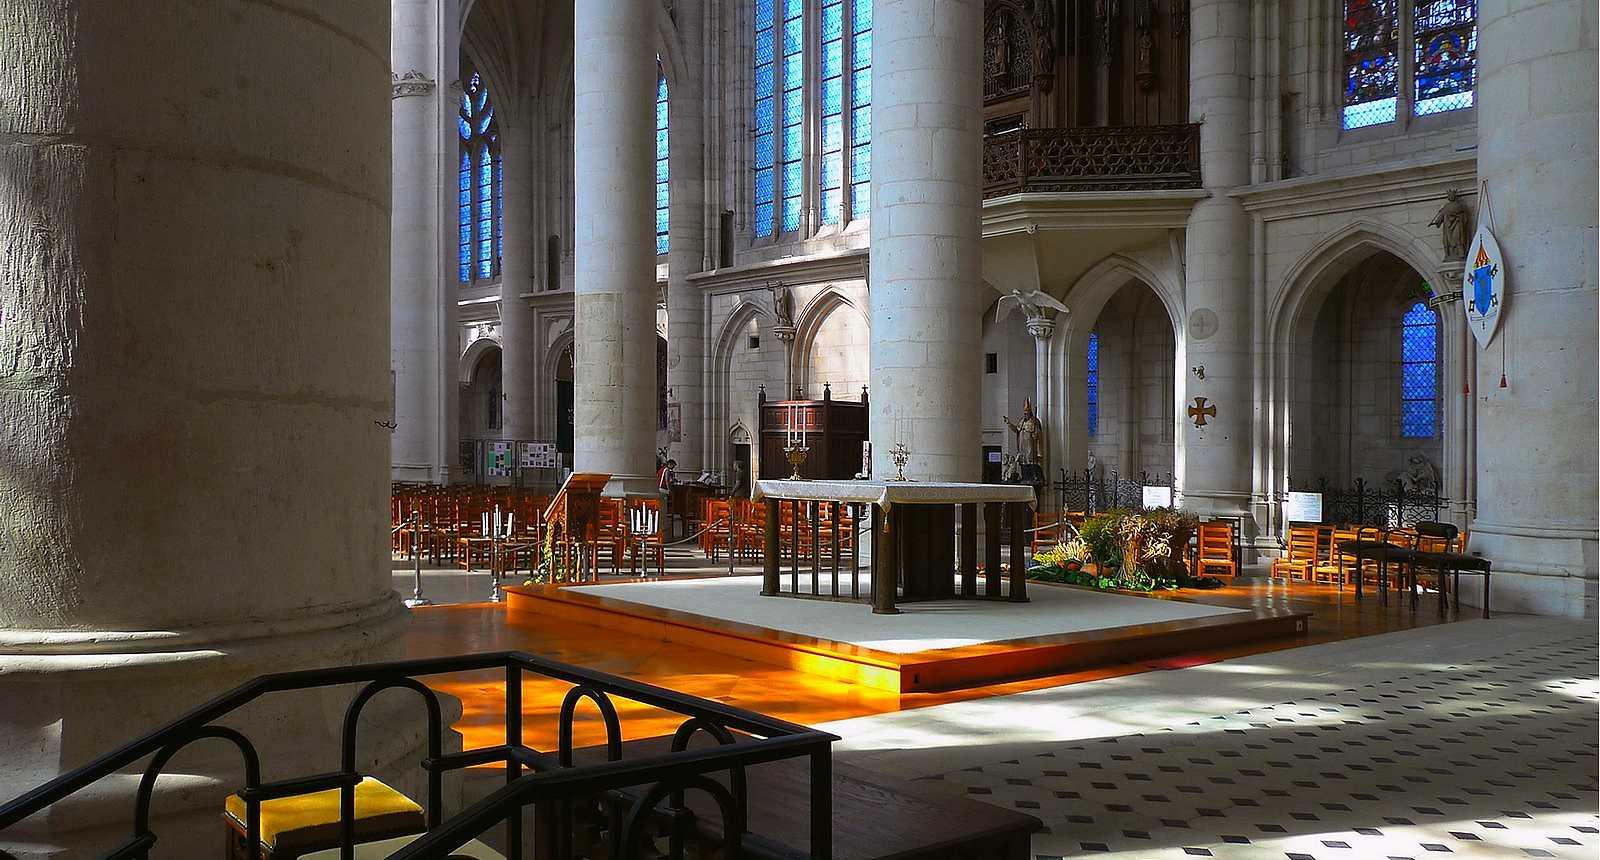 Intérieur de l'église Saint-Nicolas à Saint-Nicolas-de-Port